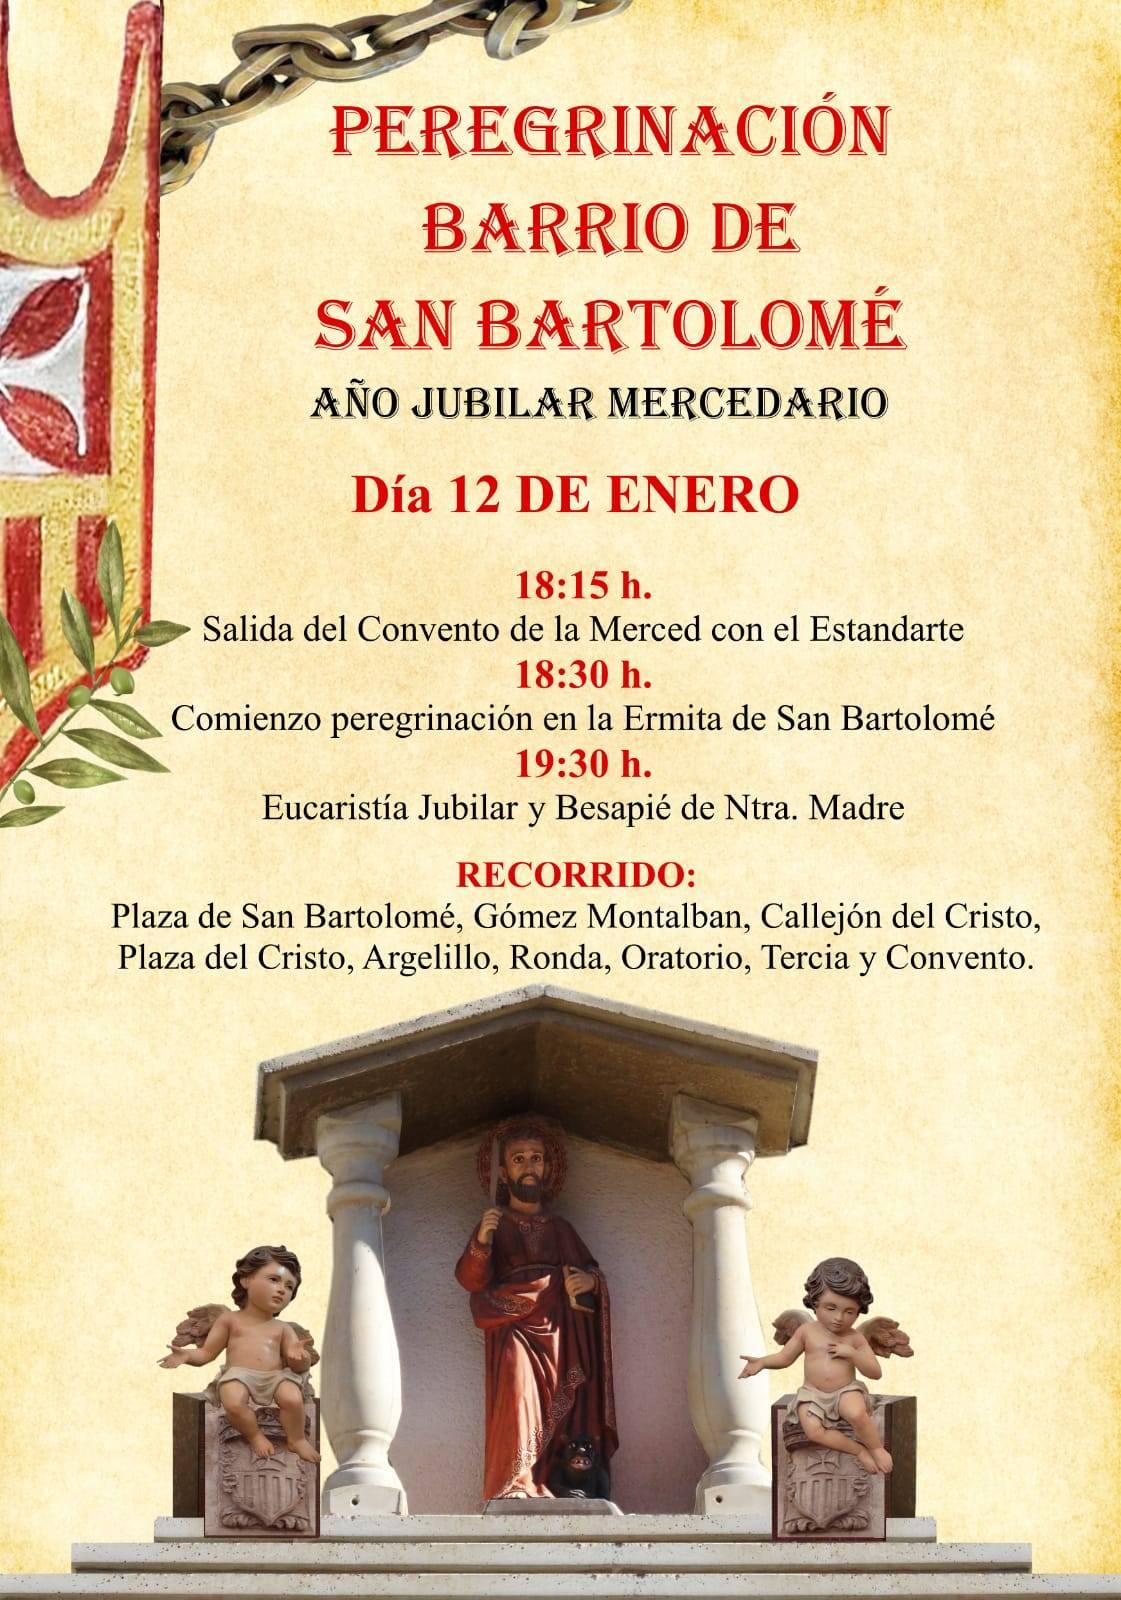 peregrinaci%C3%B3n jubilar del barrio de san Bartolom%C3%A9 - Peregrinación jubilar mercedaria del barrio de San Bartolomé